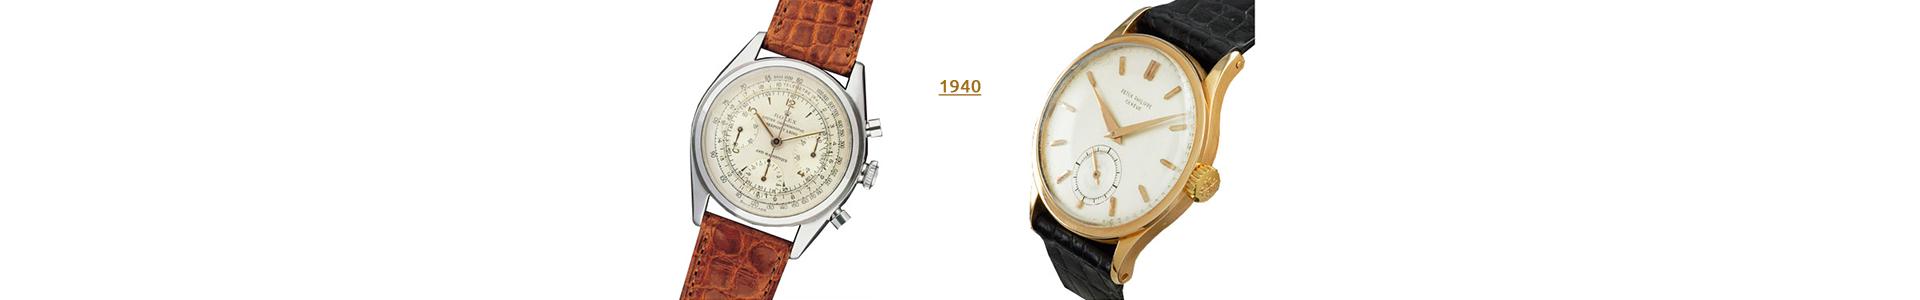 Uhren Ankauf Rolex Patek Philippe